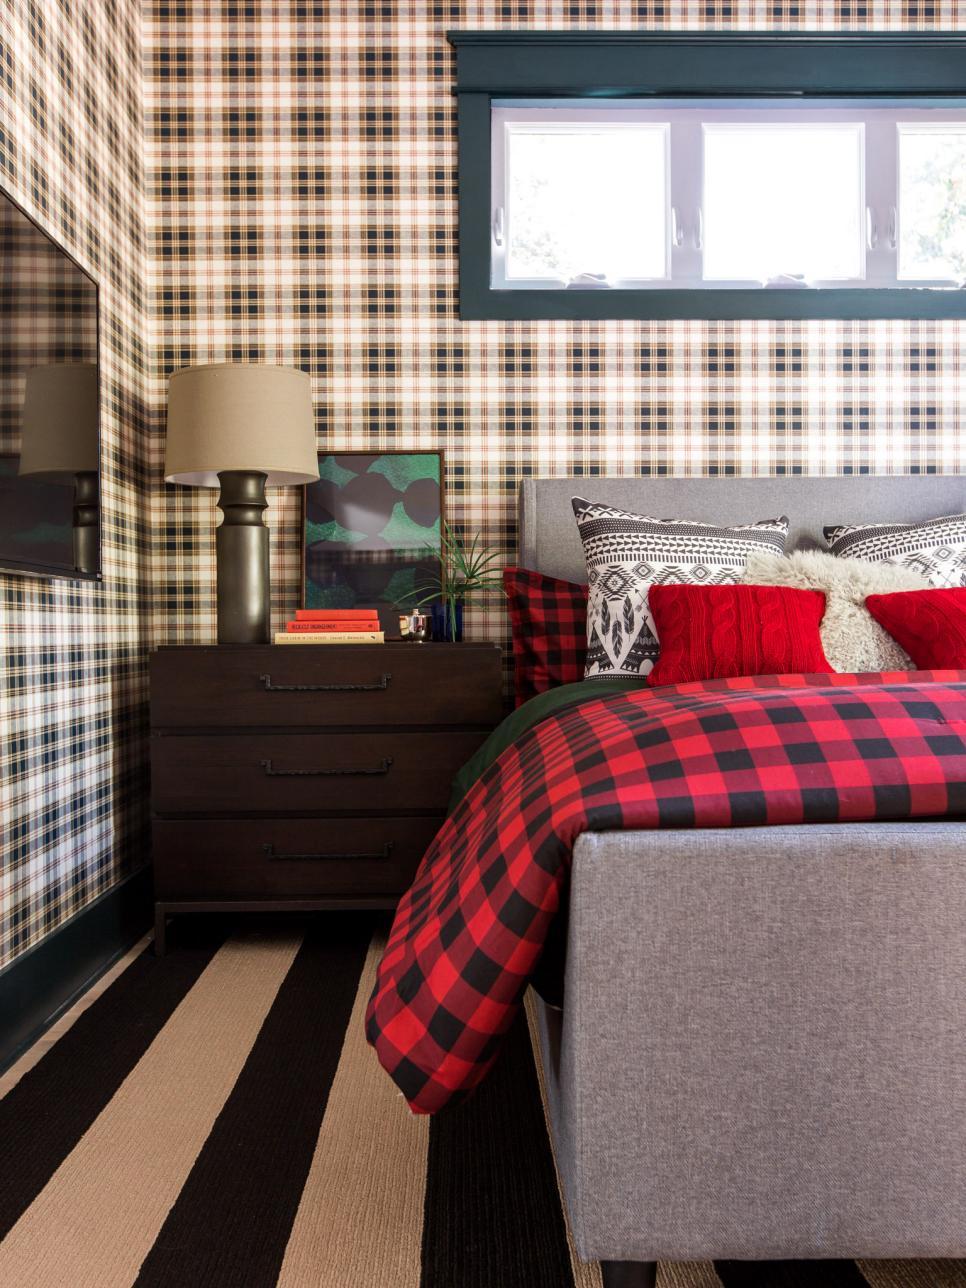 hgtv_2017_guest-bedroom-06-left-side-ginette_v-jpg-rend-hgtvcom-966-1288